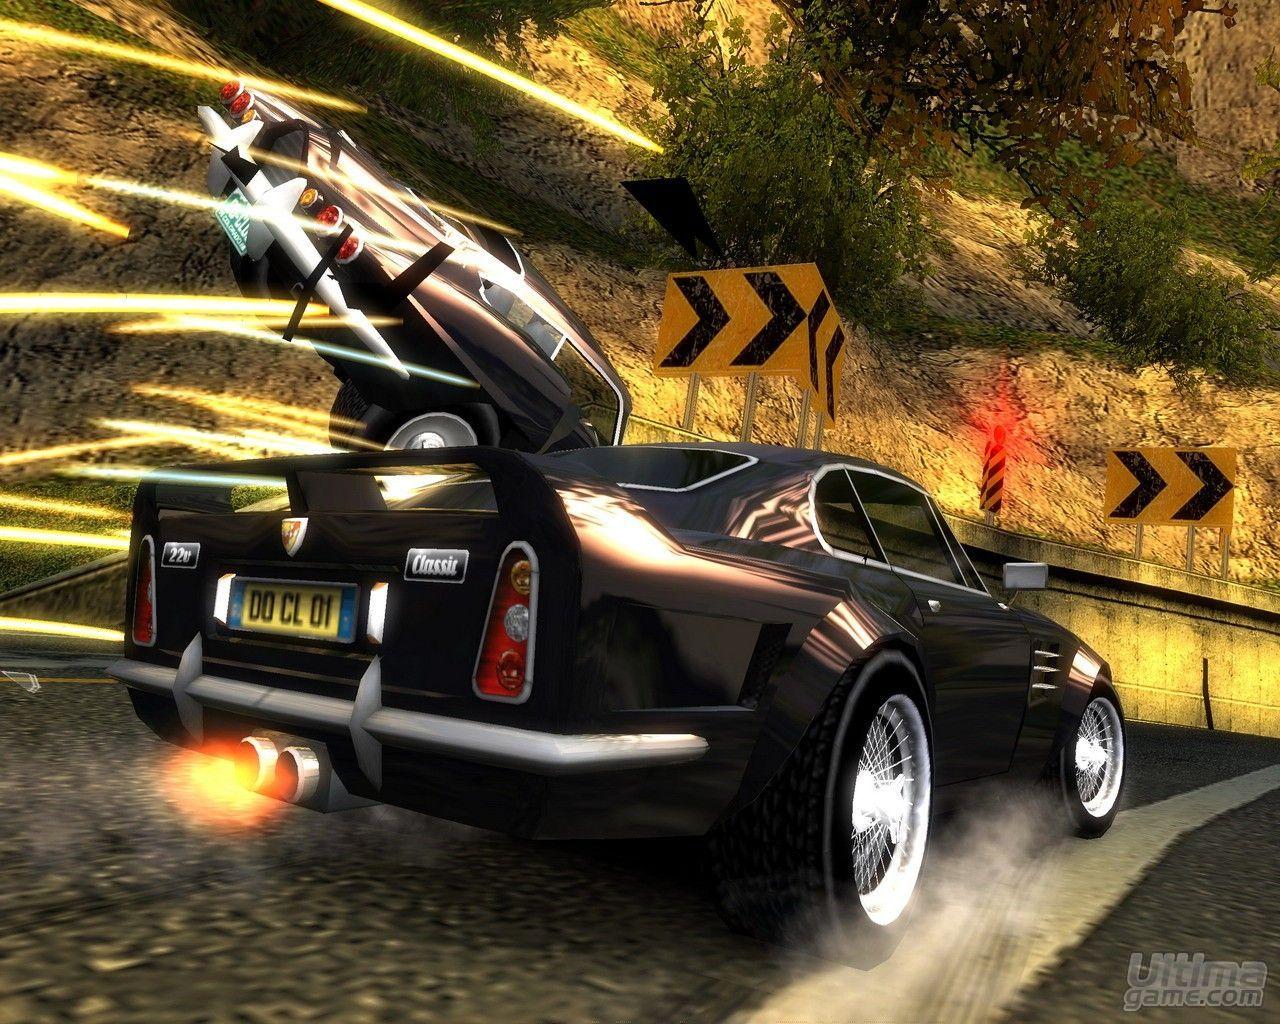 Imagen 40 de Burnout Dominator en vídeo e imágenes para PSP y PS2